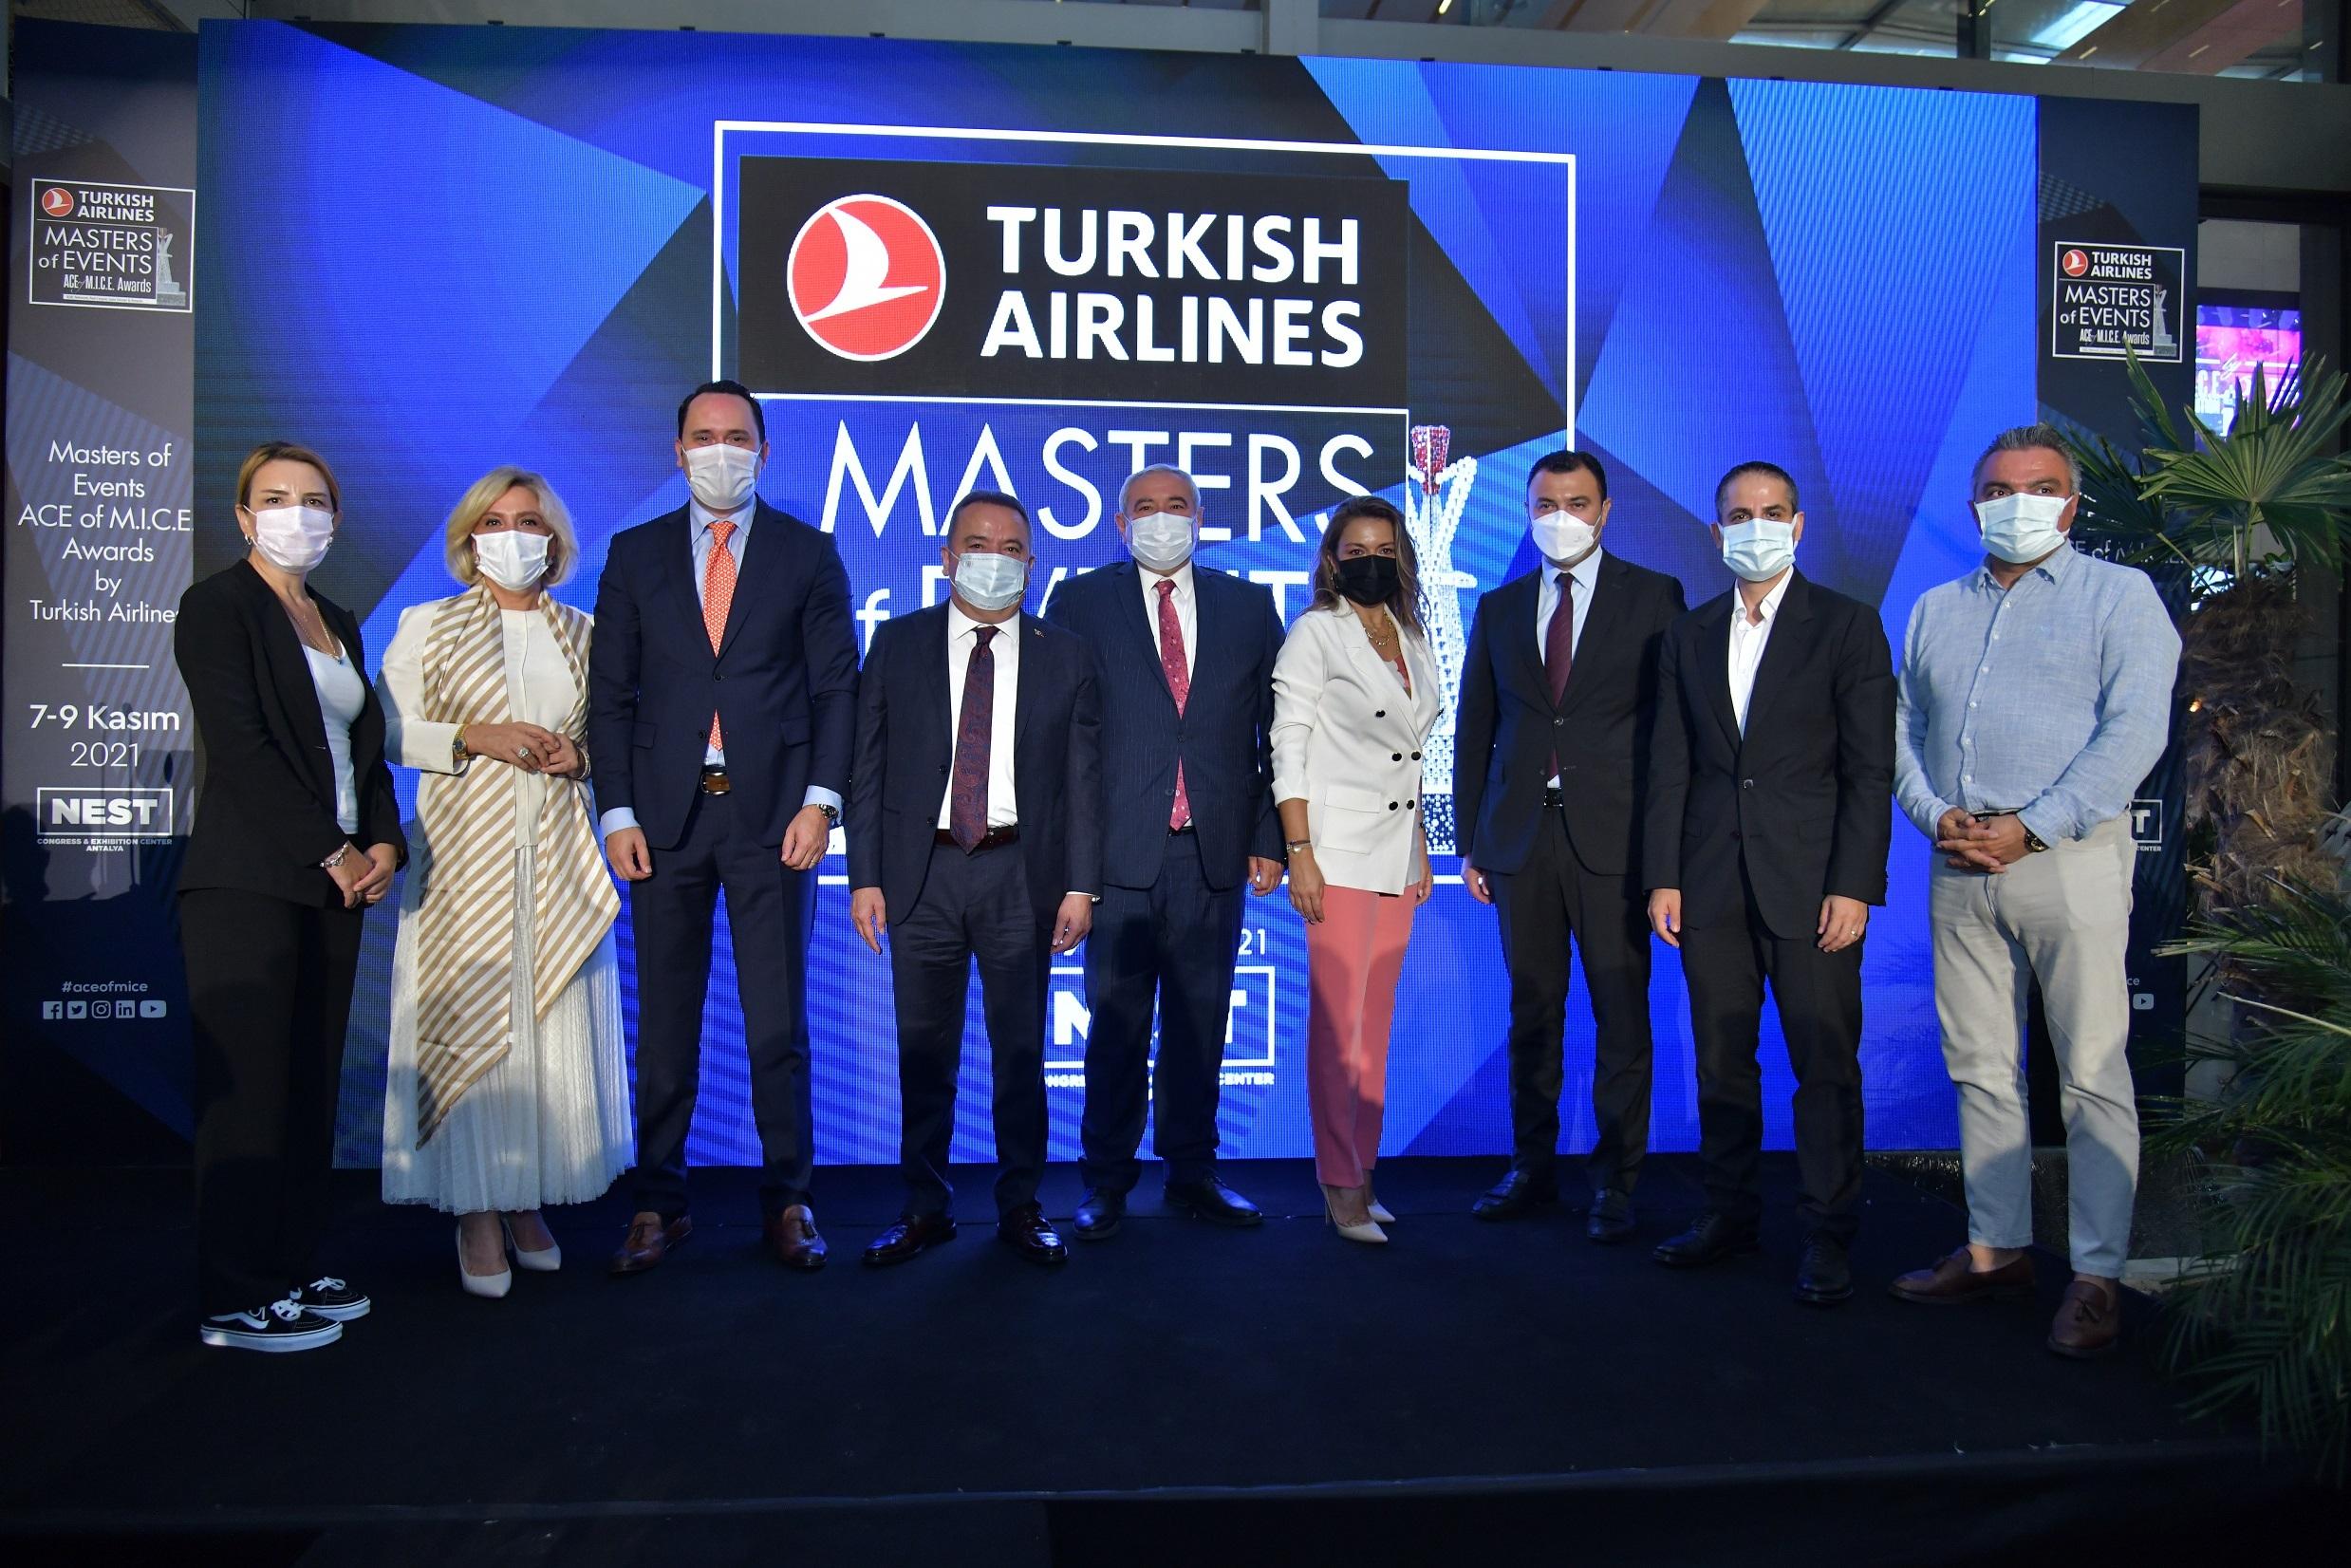 Turizm ve etkinlik sektörü ACE of M.I.C.E ile Antalya'da buluşacak